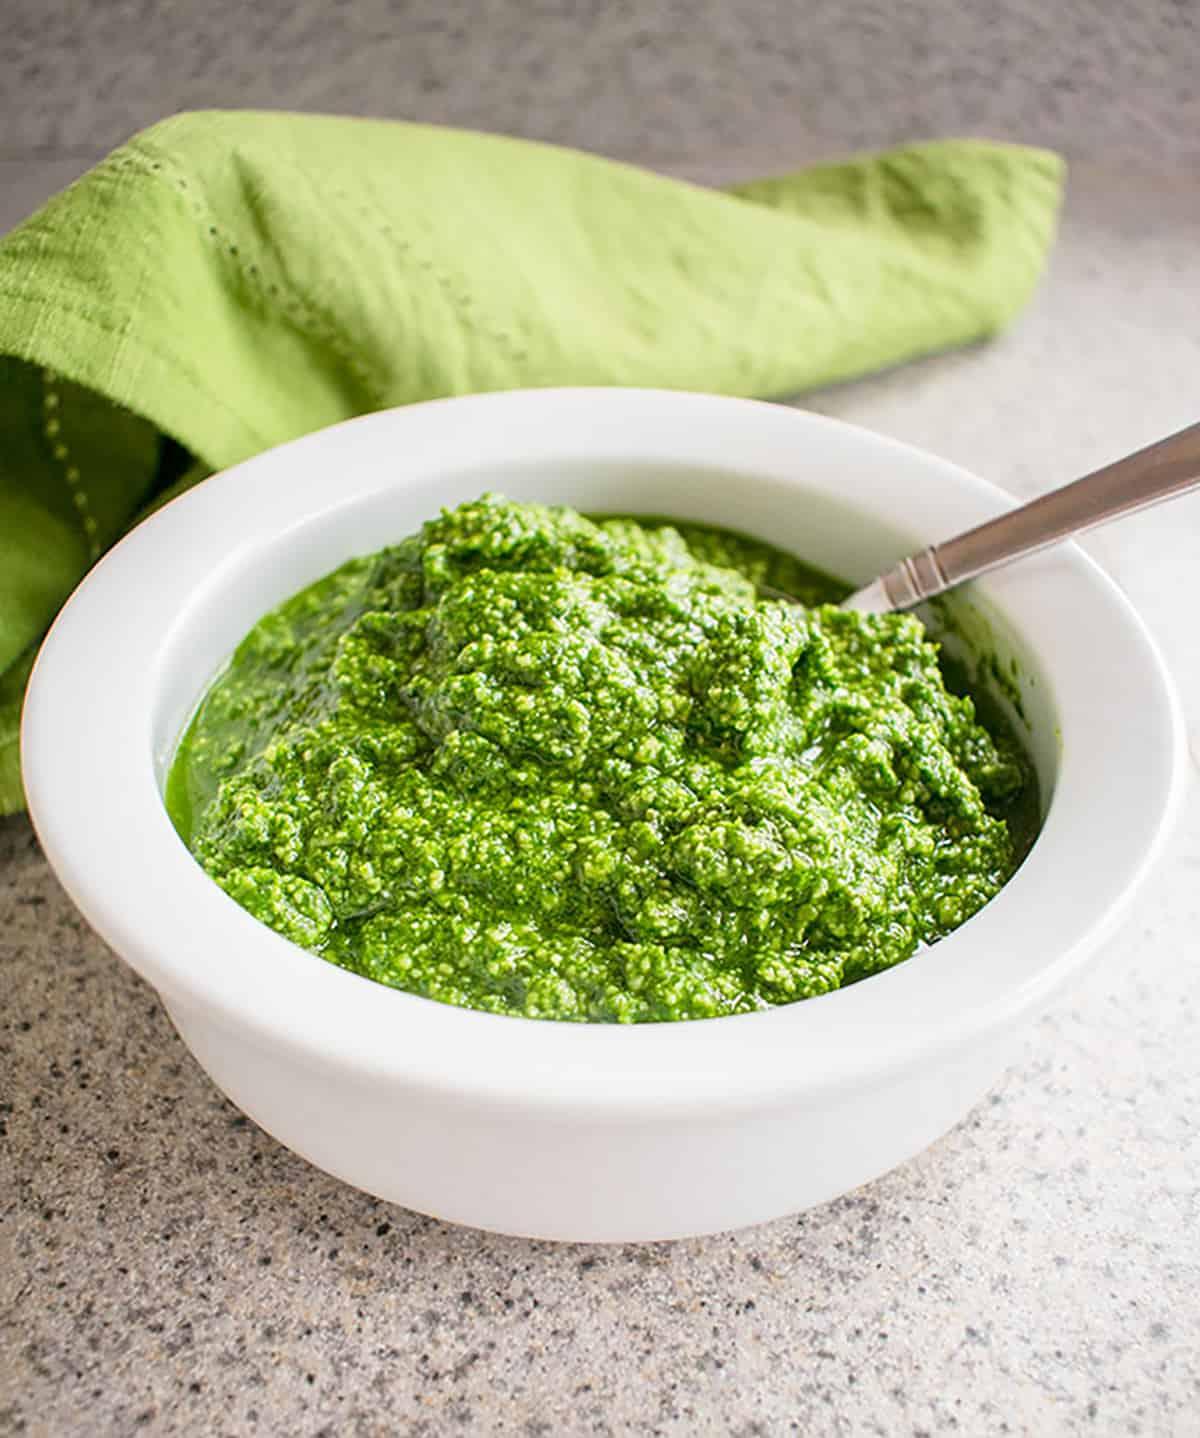 bowl of pesto with spoon, green napkin